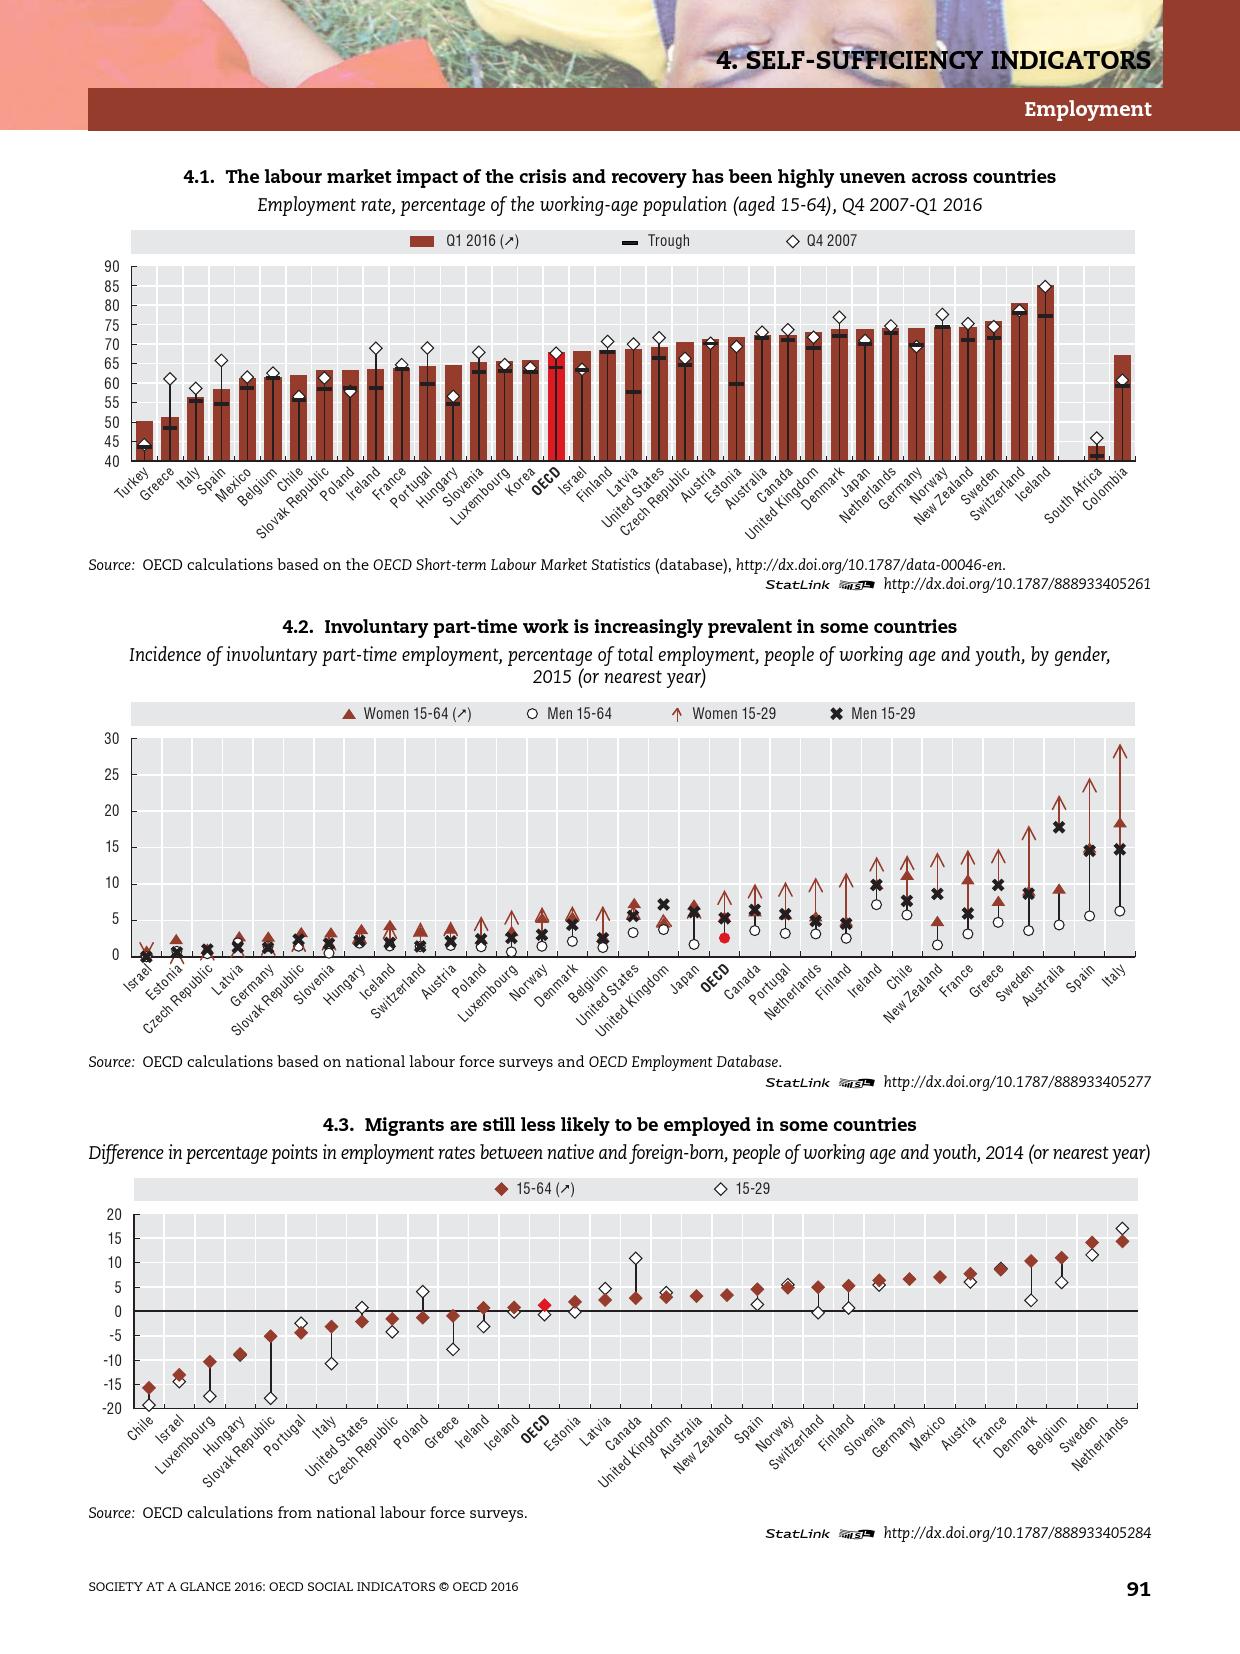 2016年OECD国家社会概览报告_000093